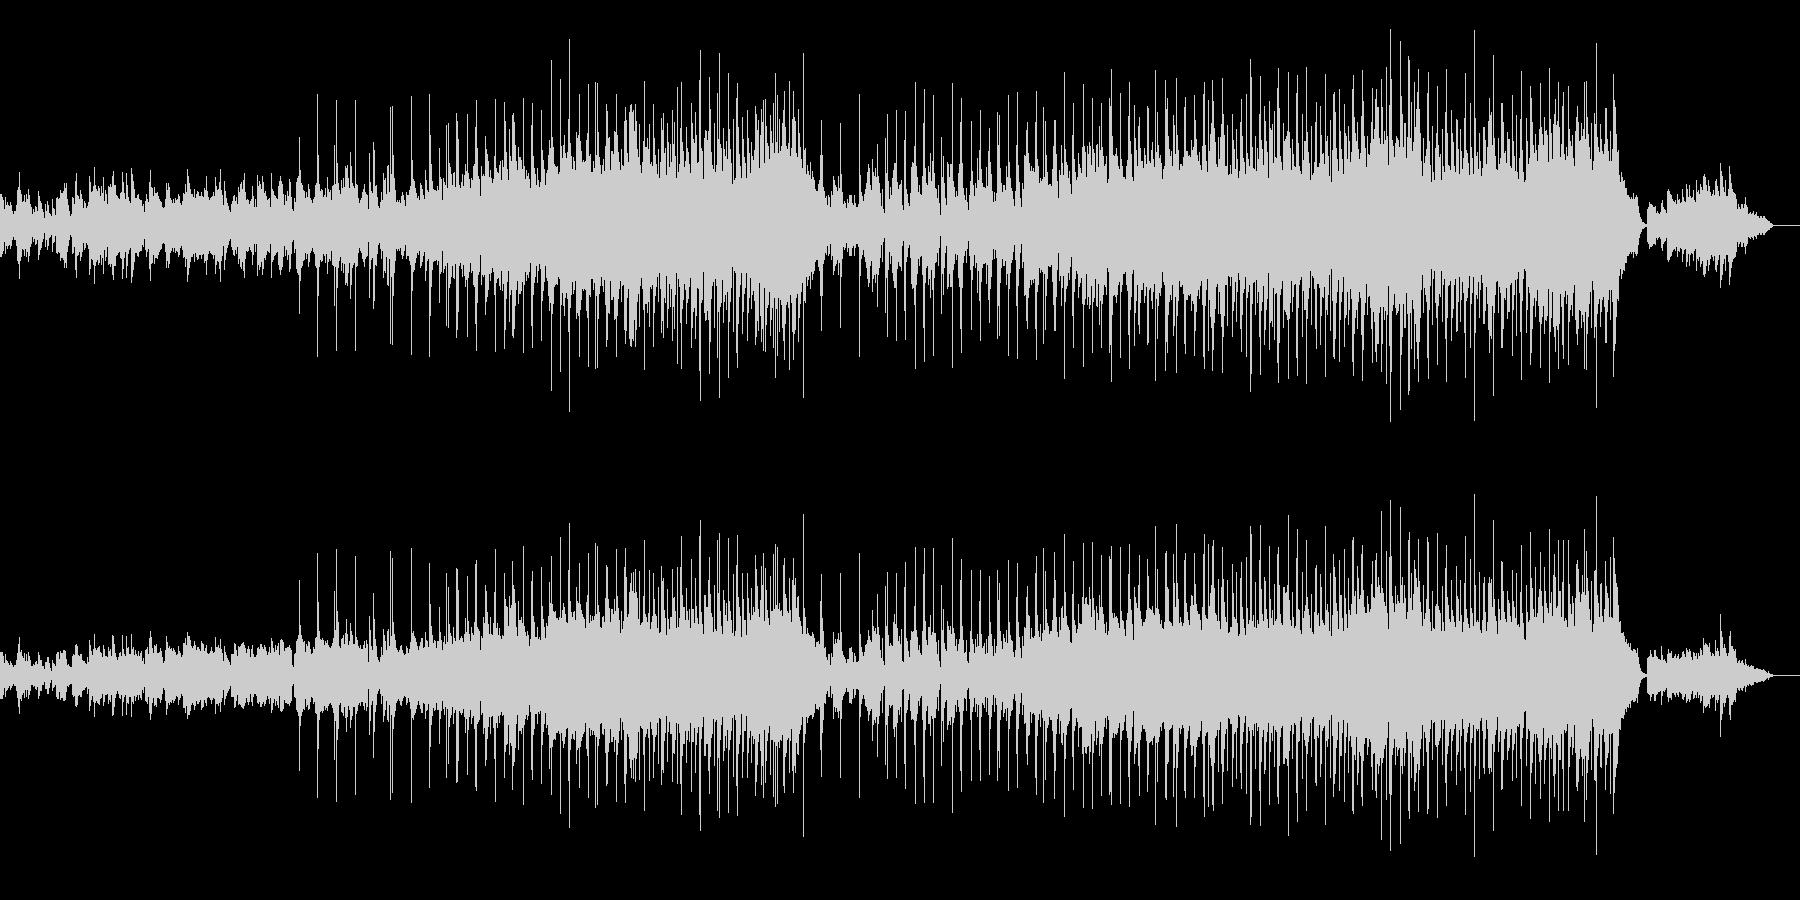 ピアノを使った切ない感動的なバラードの未再生の波形